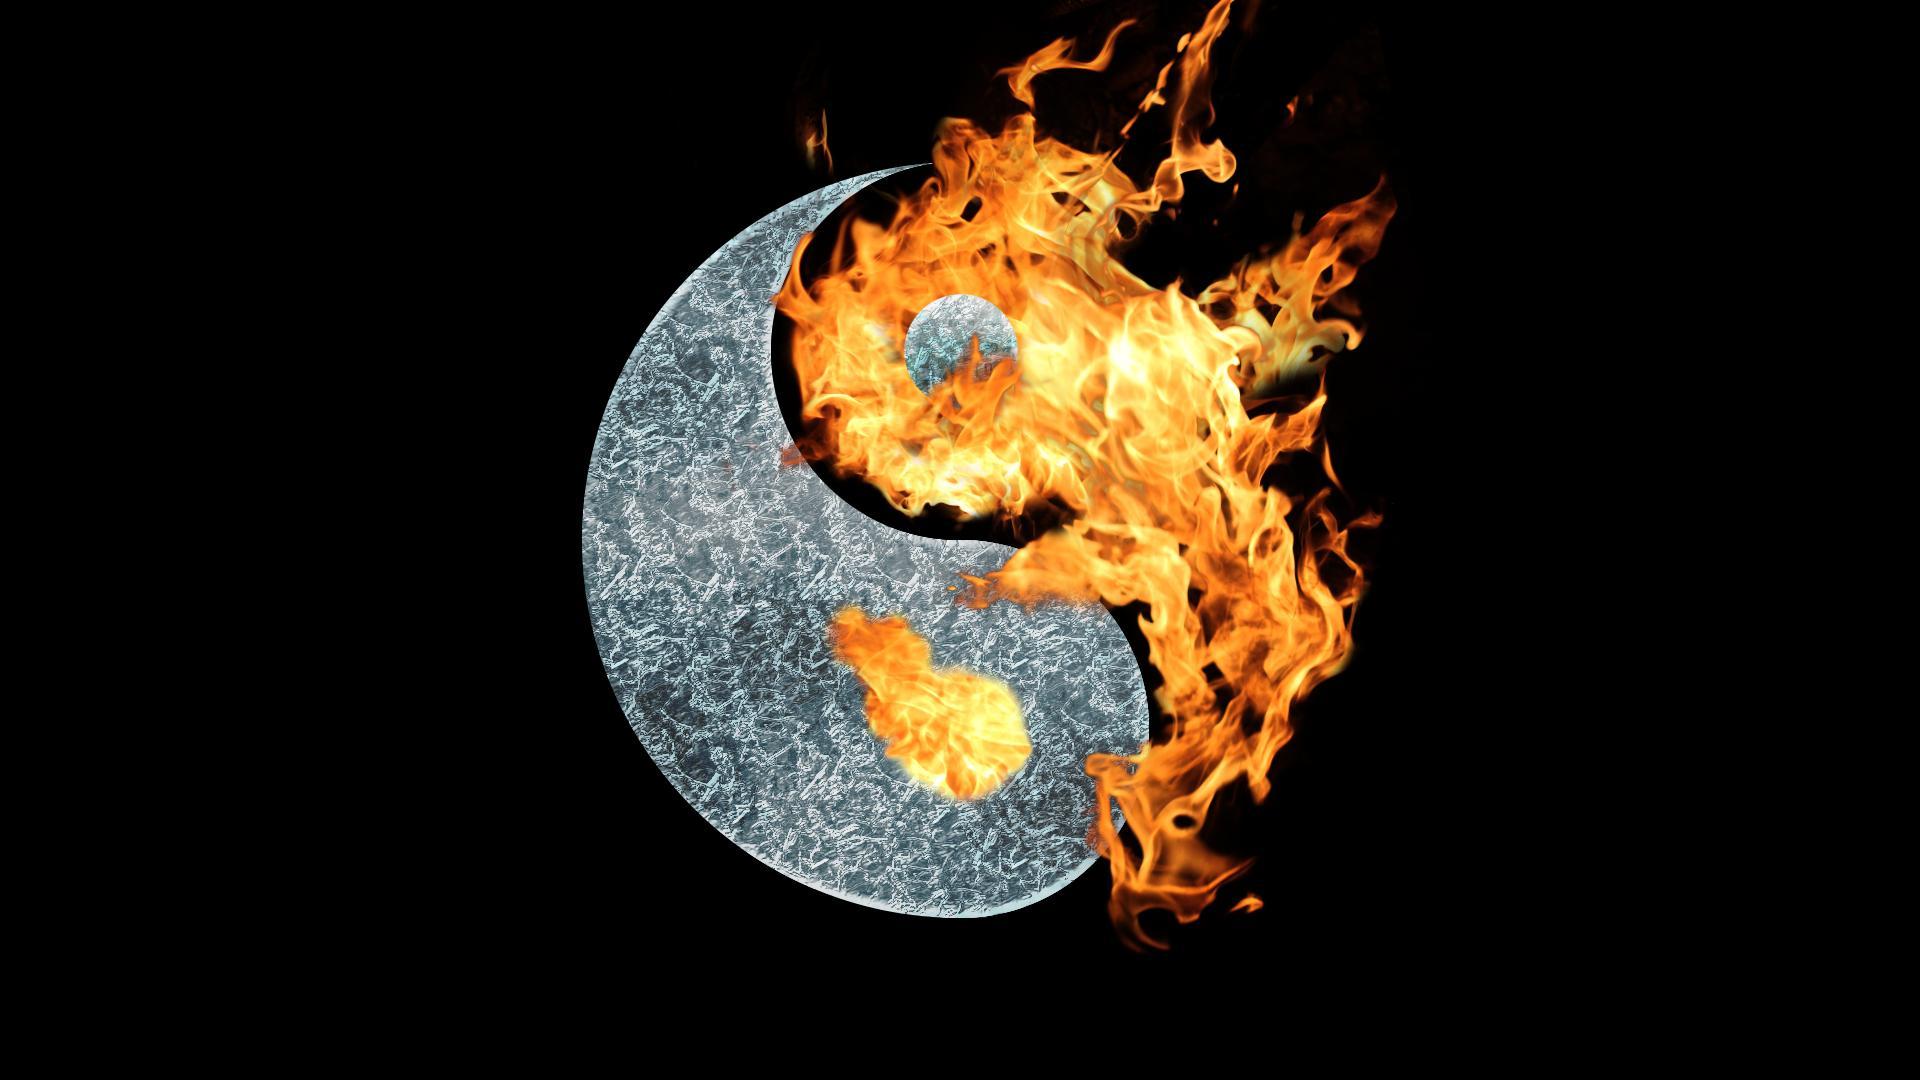 Yin yang iphone wallpaper - Artistic Oriental Yin Yang Wallpaper